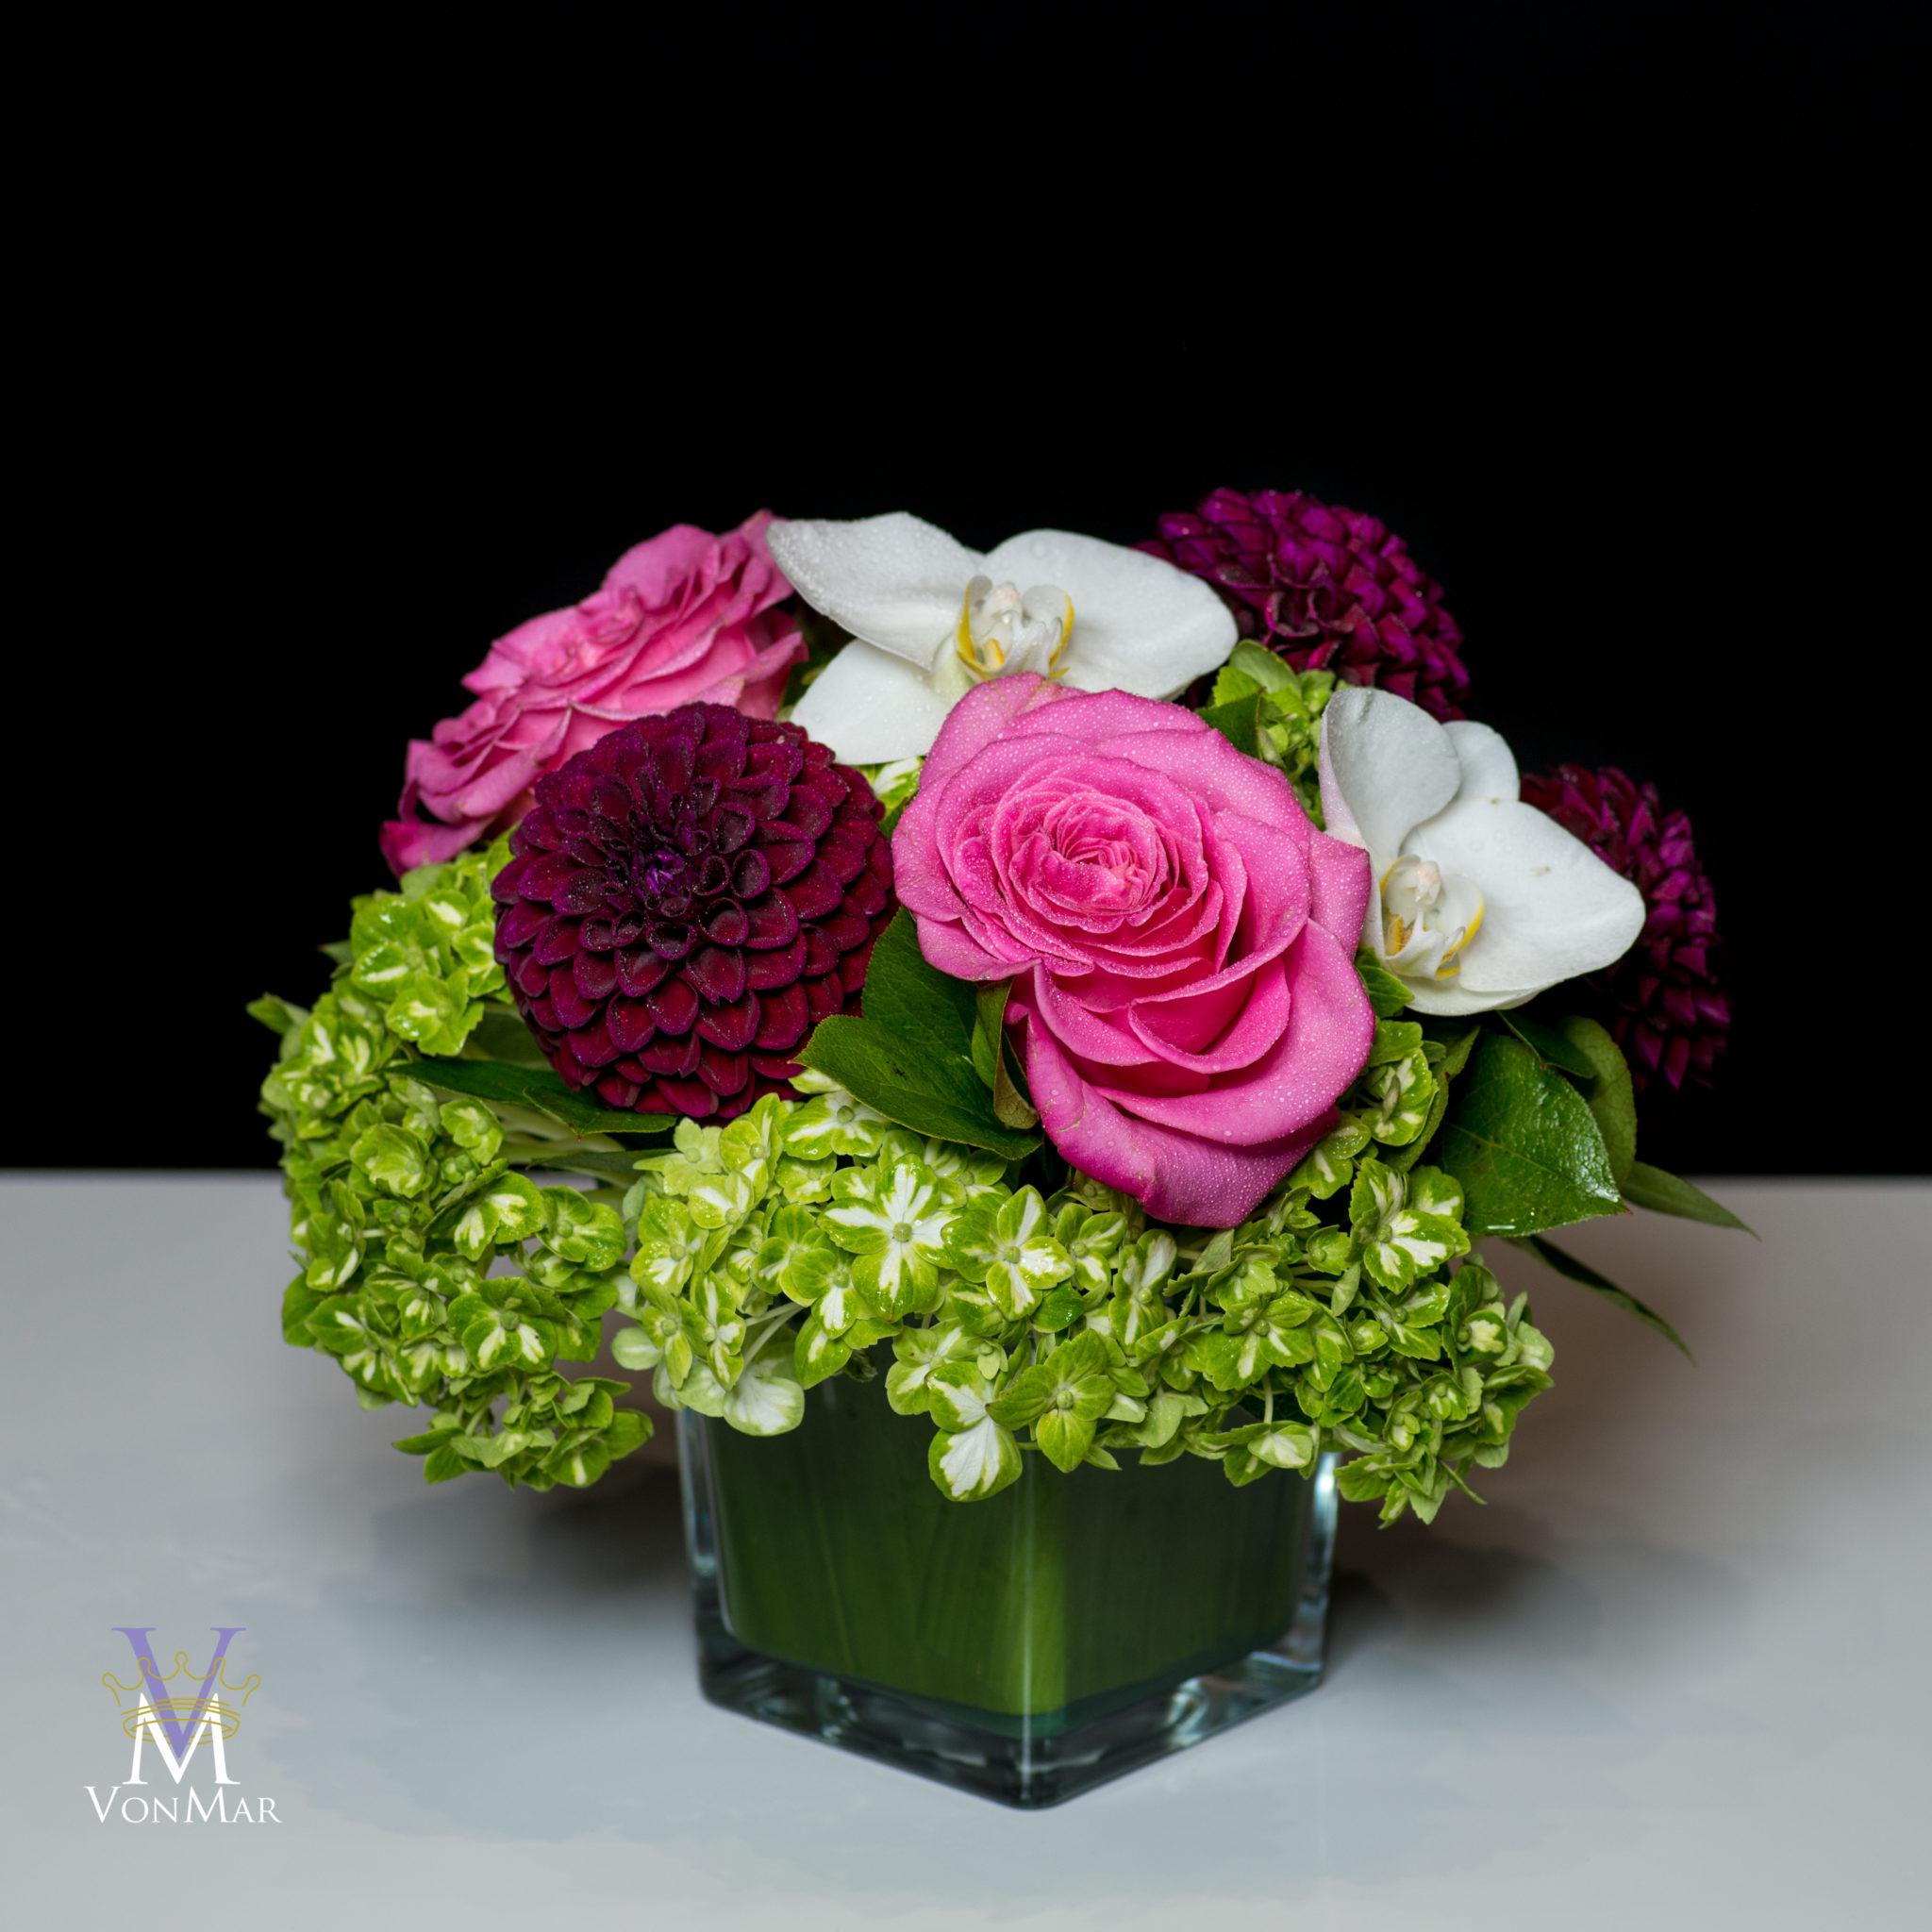 Hydrangea, Garden Roses and Dahlias